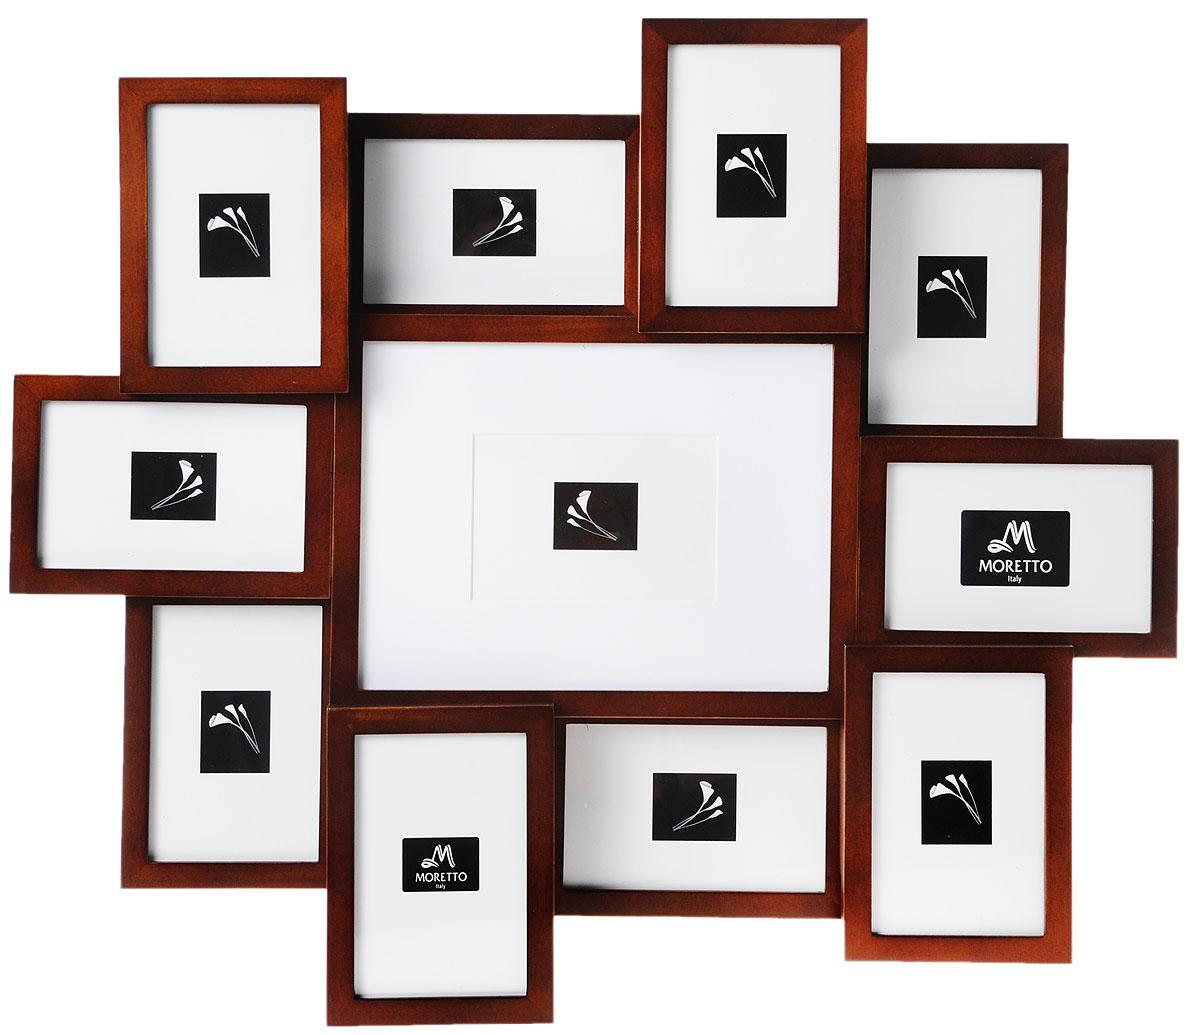 Фоторамка Moretto, на 11 фото12723Фоторамка Moretto отлично дополнит интерьер помещения и поможет сохранить на память ваши любимые фотографии. Фоторамка выполнена из дерева и представляет собой коллаж из 11 прямоугольных рамочек с вертикальным и горизонтальным расположением фотографий. Изделие подвешивается к стене. Такая рамка позволит сохранить на память изображения дорогих вам людей и интересных событий вашей жизни, а также станет приятным подарком для каждого.Размер рамок:- 10 фоторамок 12 х 17 см для фото 10 х 15 см,- фоторамка 28,5 х 22,2 см для фото 20 х 26 см, Общий размер фоторамки: 63 х 56 см.